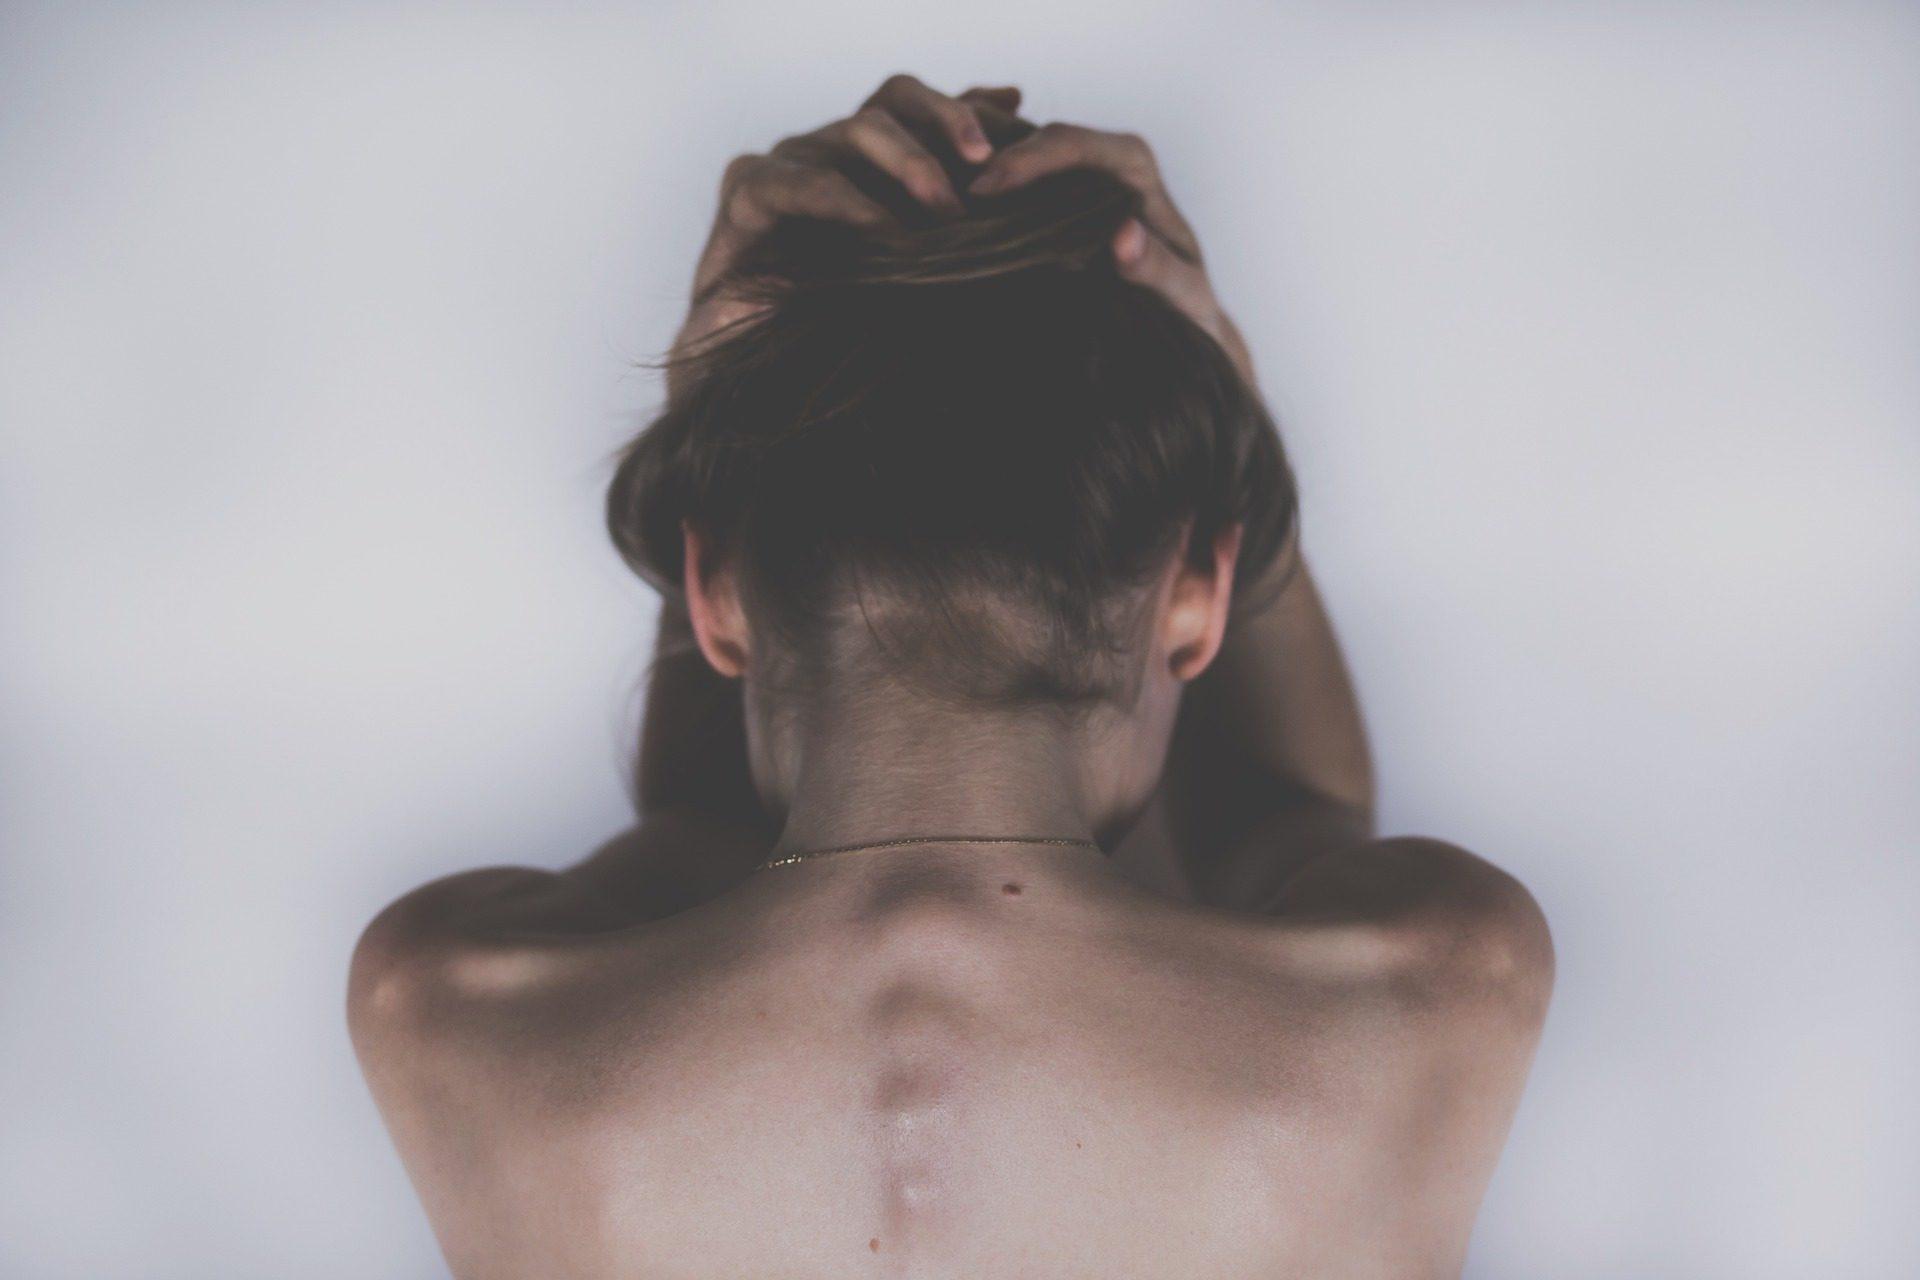 El Síndrome de Cotard provoca que las personas que lo padecen crean estar muertas